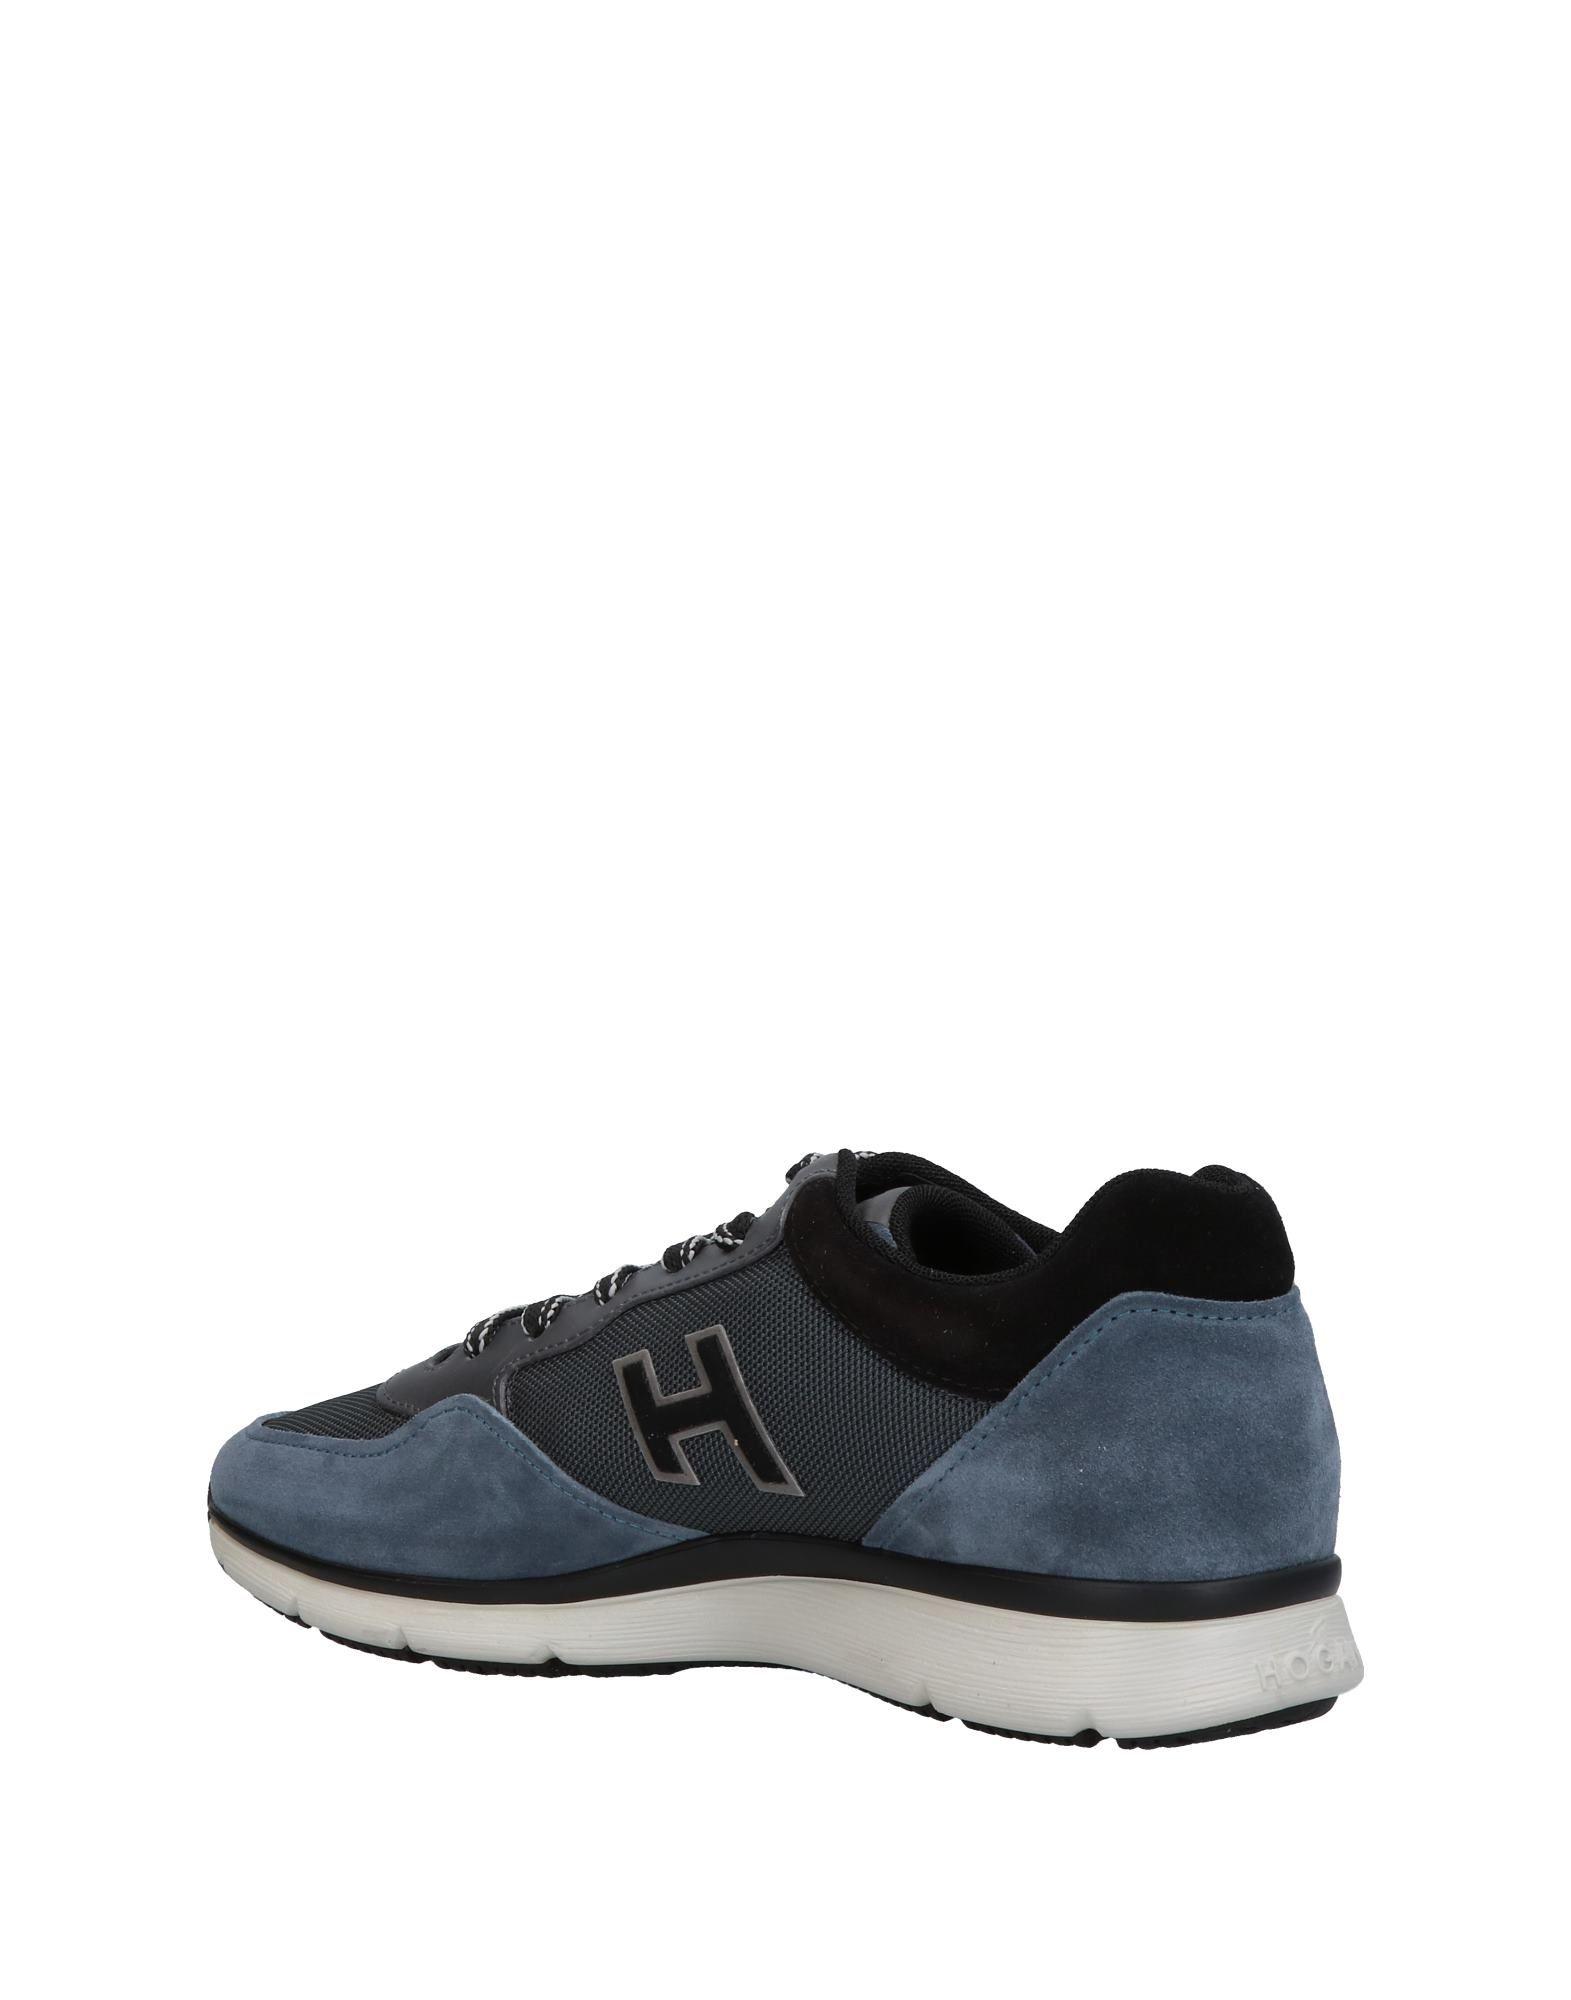 Hogan Sneakers Herren  11357241OP Schuhe Gute Qualität beliebte Schuhe 11357241OP 084a40